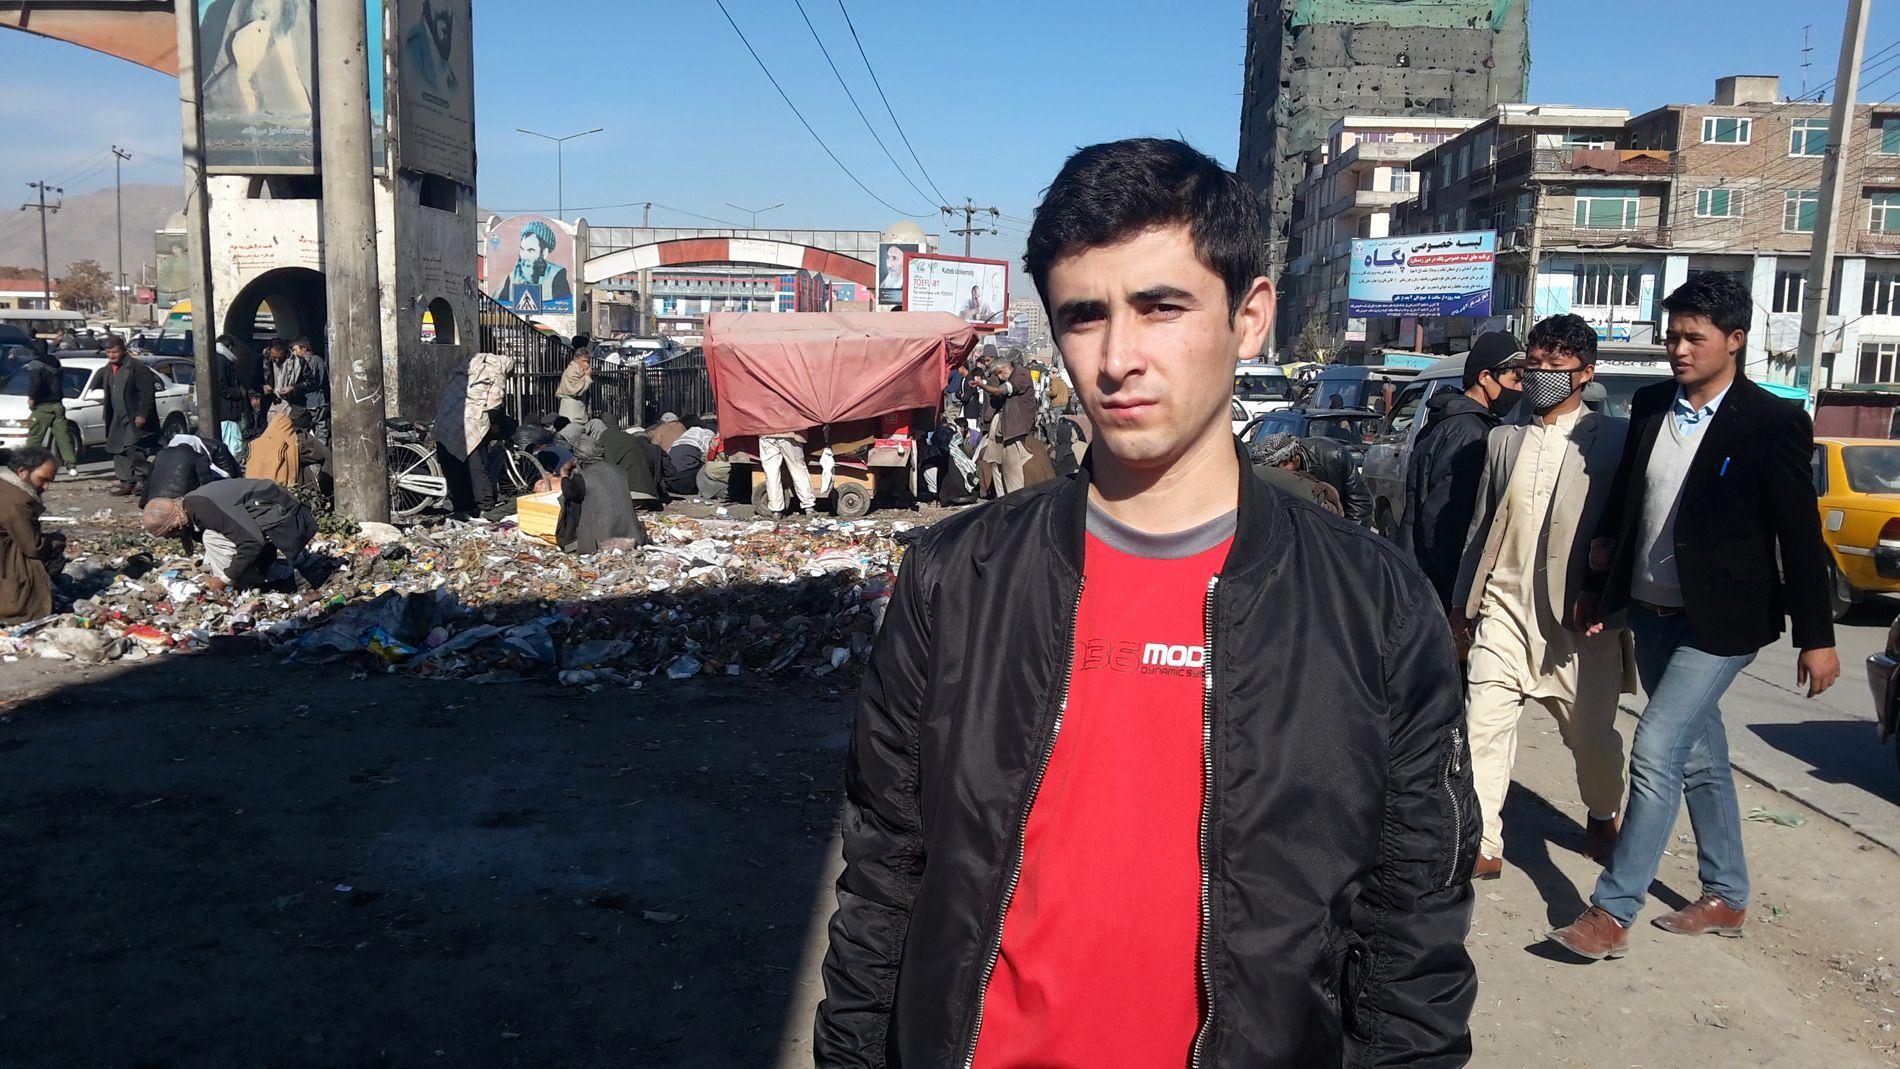 REDD:  Wazir er tilbake i Afghanistan som han flyktet fra for ett år siden. Han reiser ikke til hjemprovinsen. – Der styrer Taliban, sier Abdul Ghafoor i Afghanistan Migrants Advice & Support.